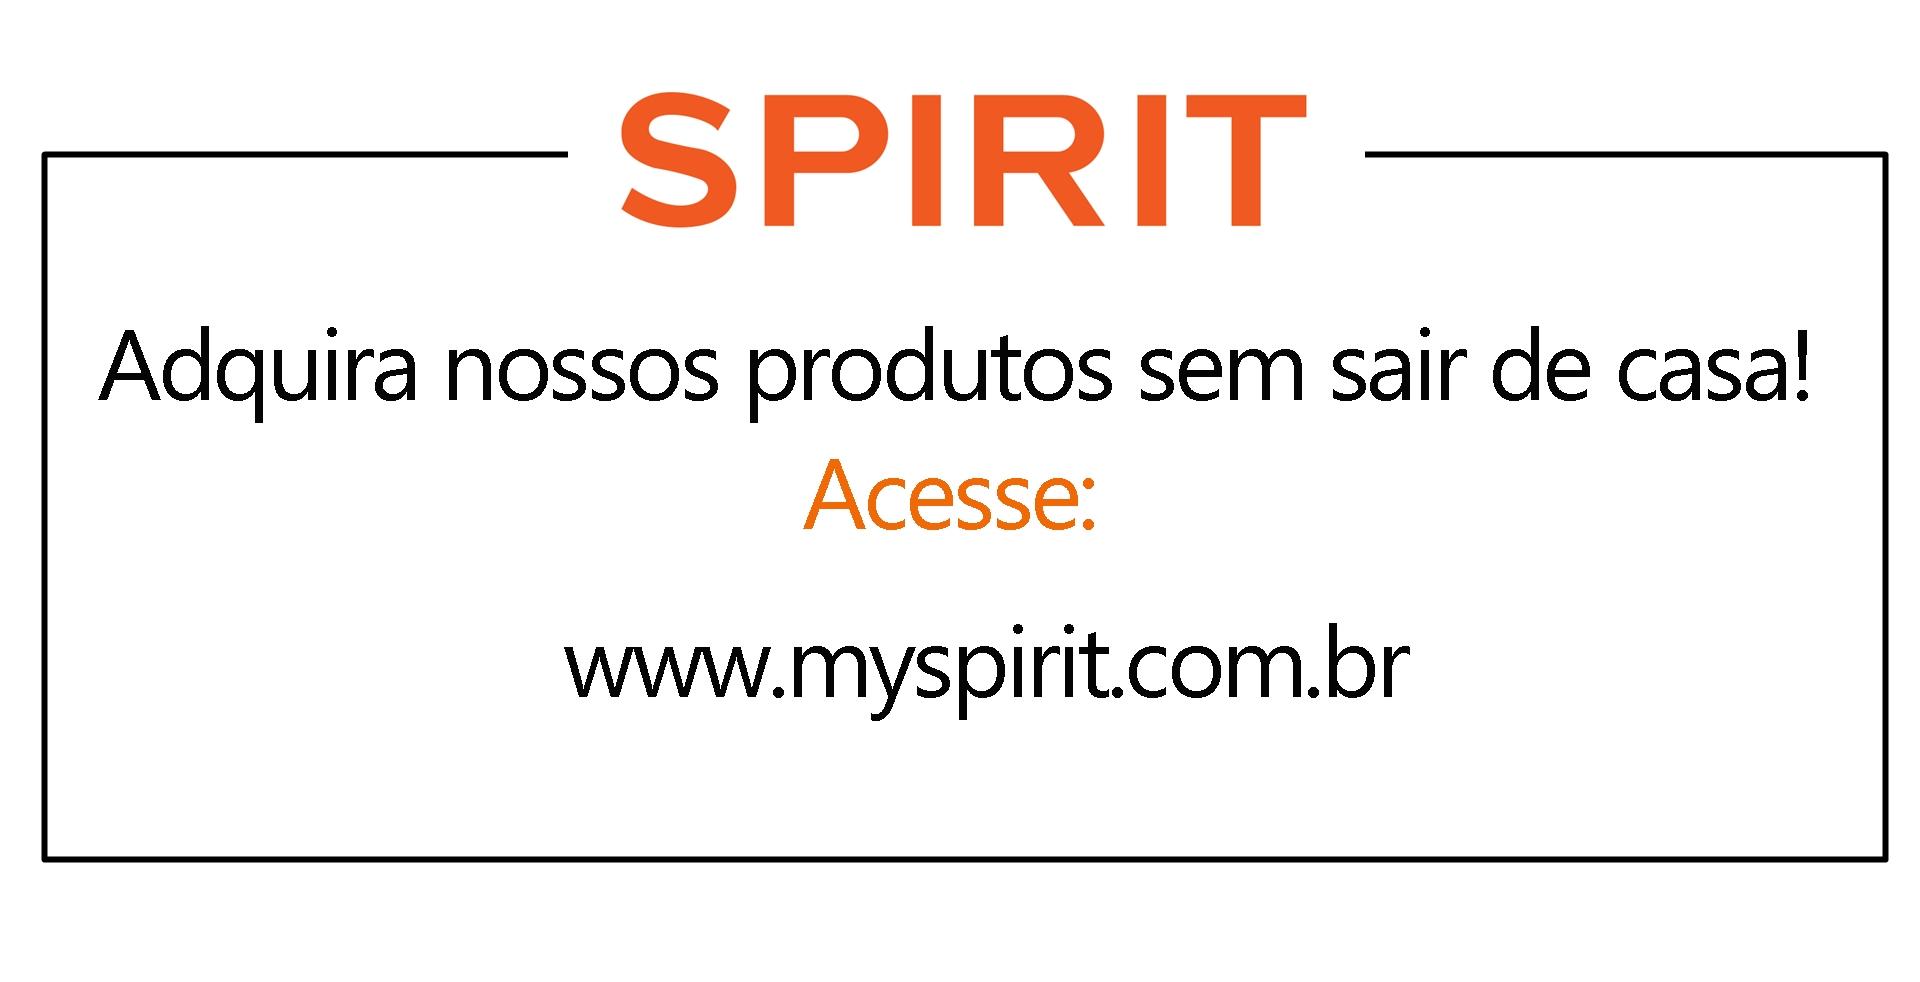 ventilador de teto Spirit - Blog Myspirit - banner site Spirit - como fazer festa do pijama